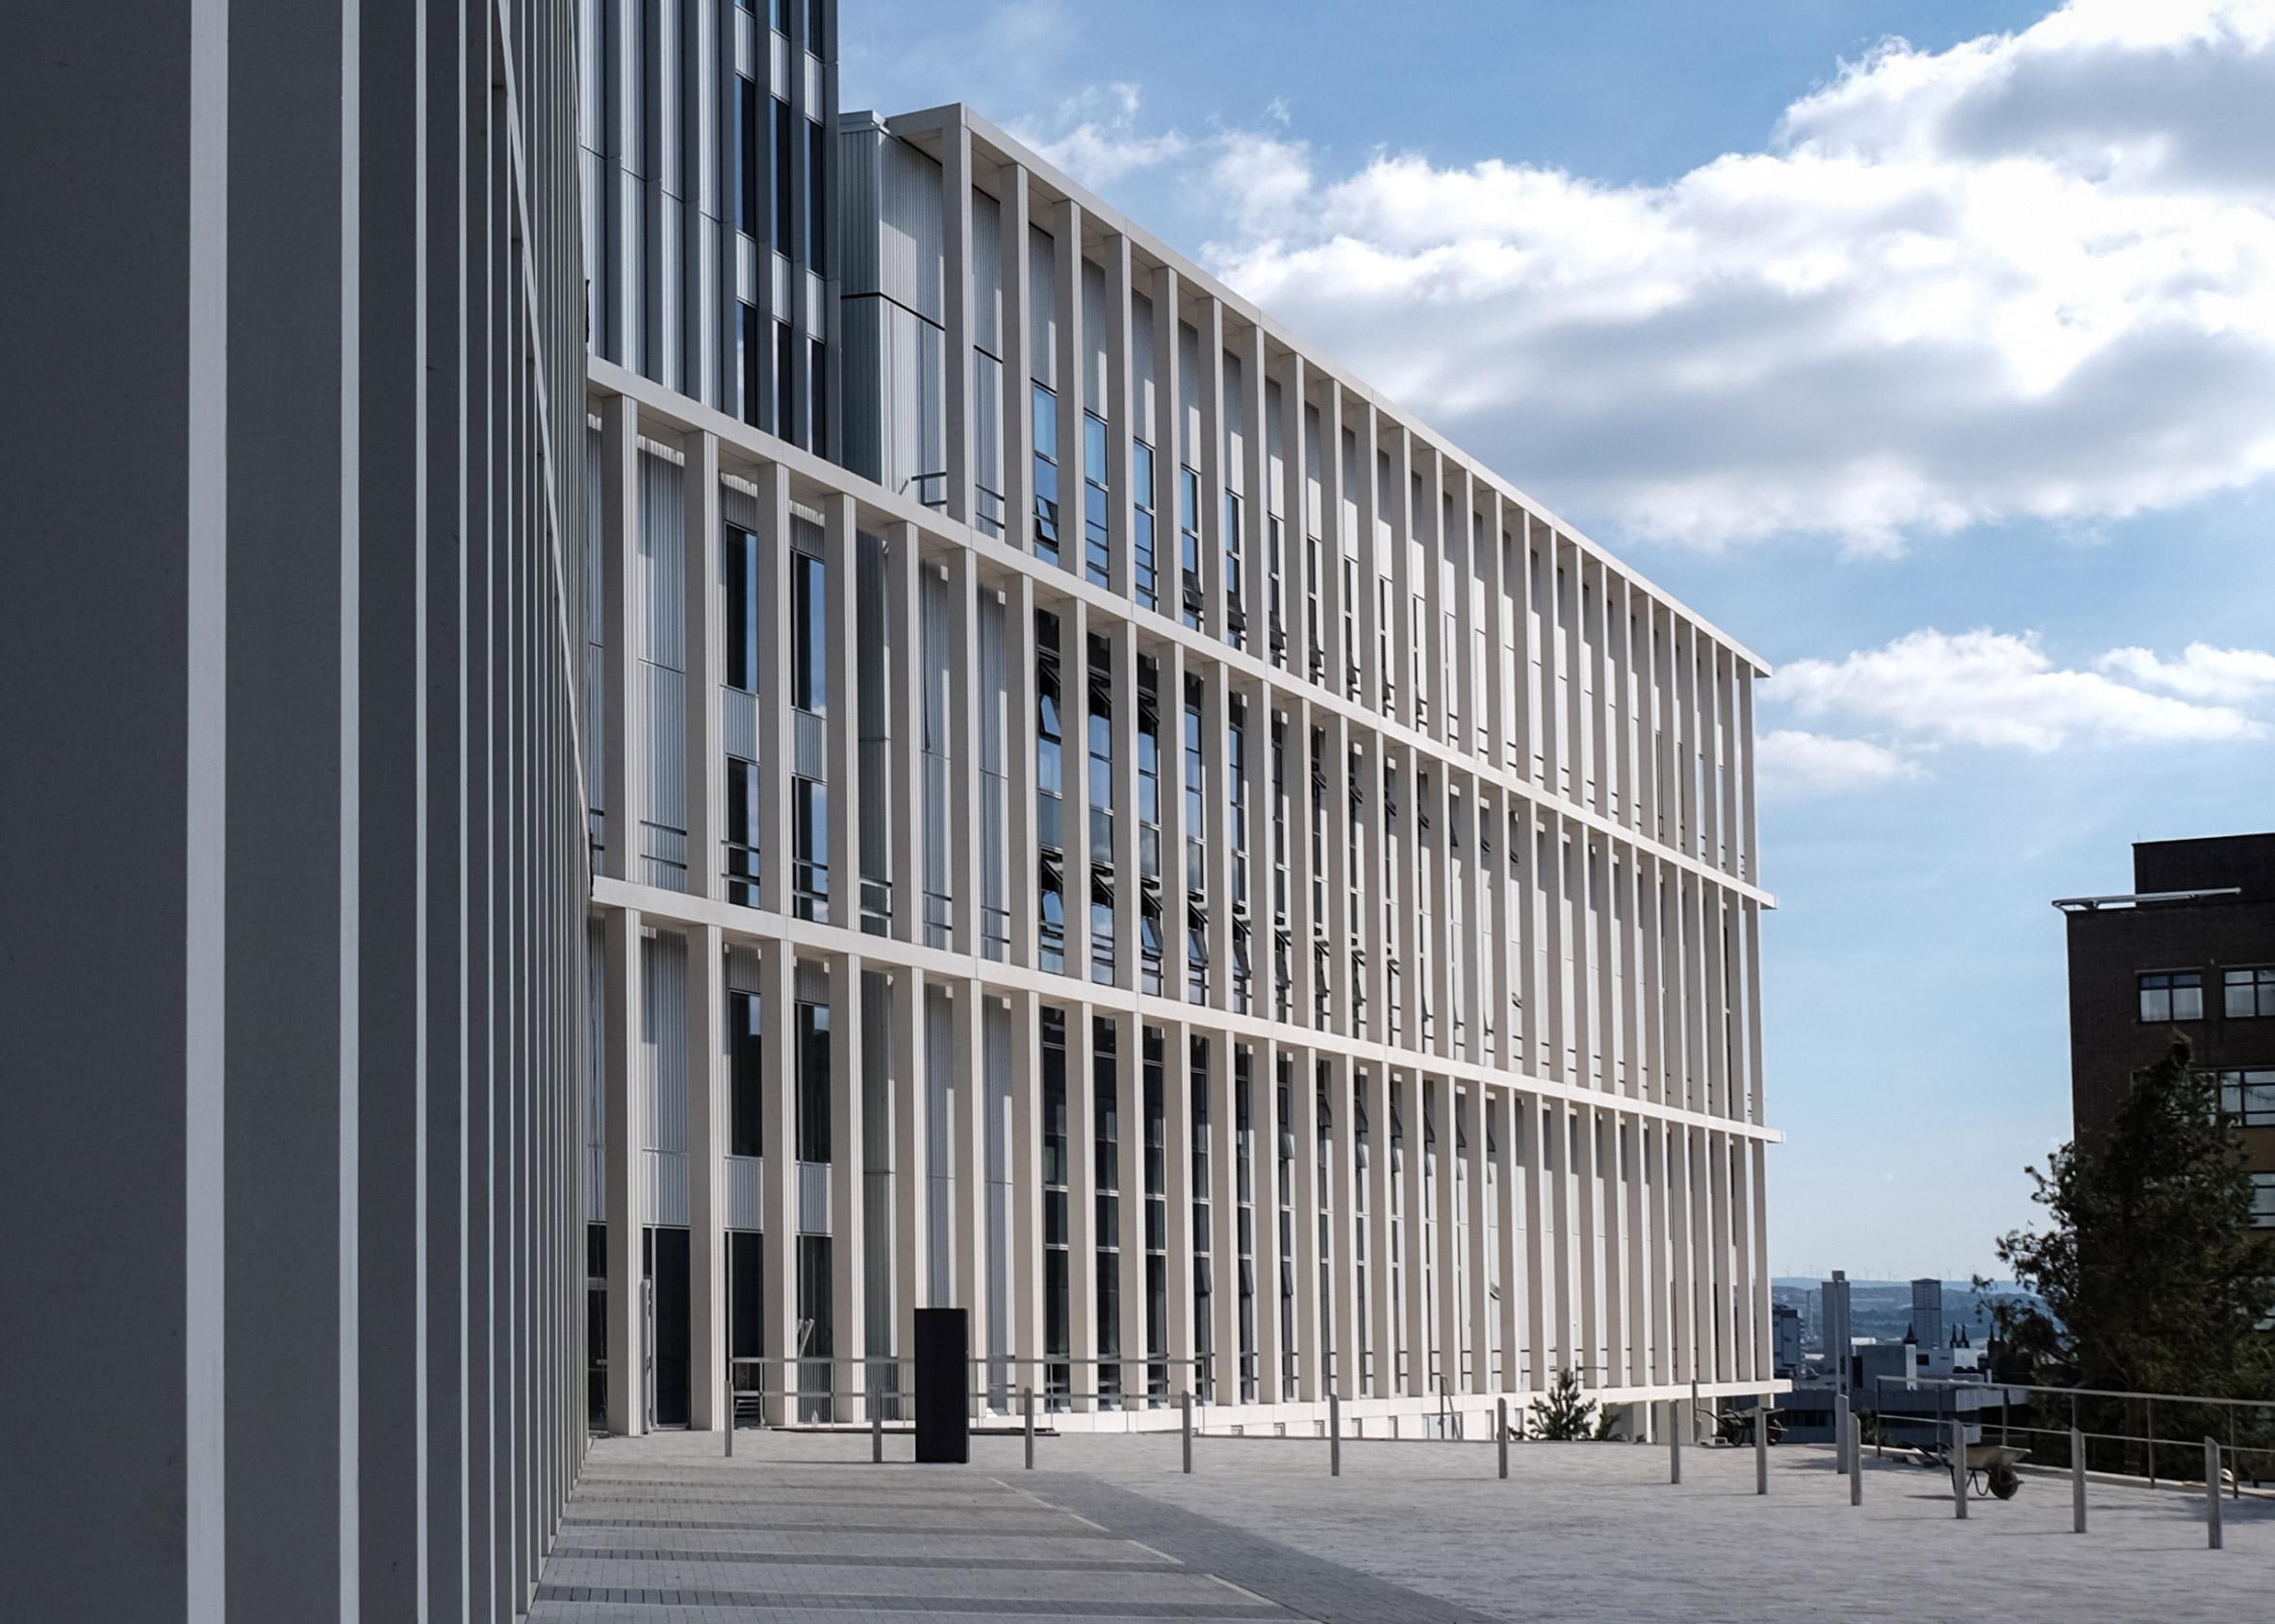 RIBA Stirling Prize 2017